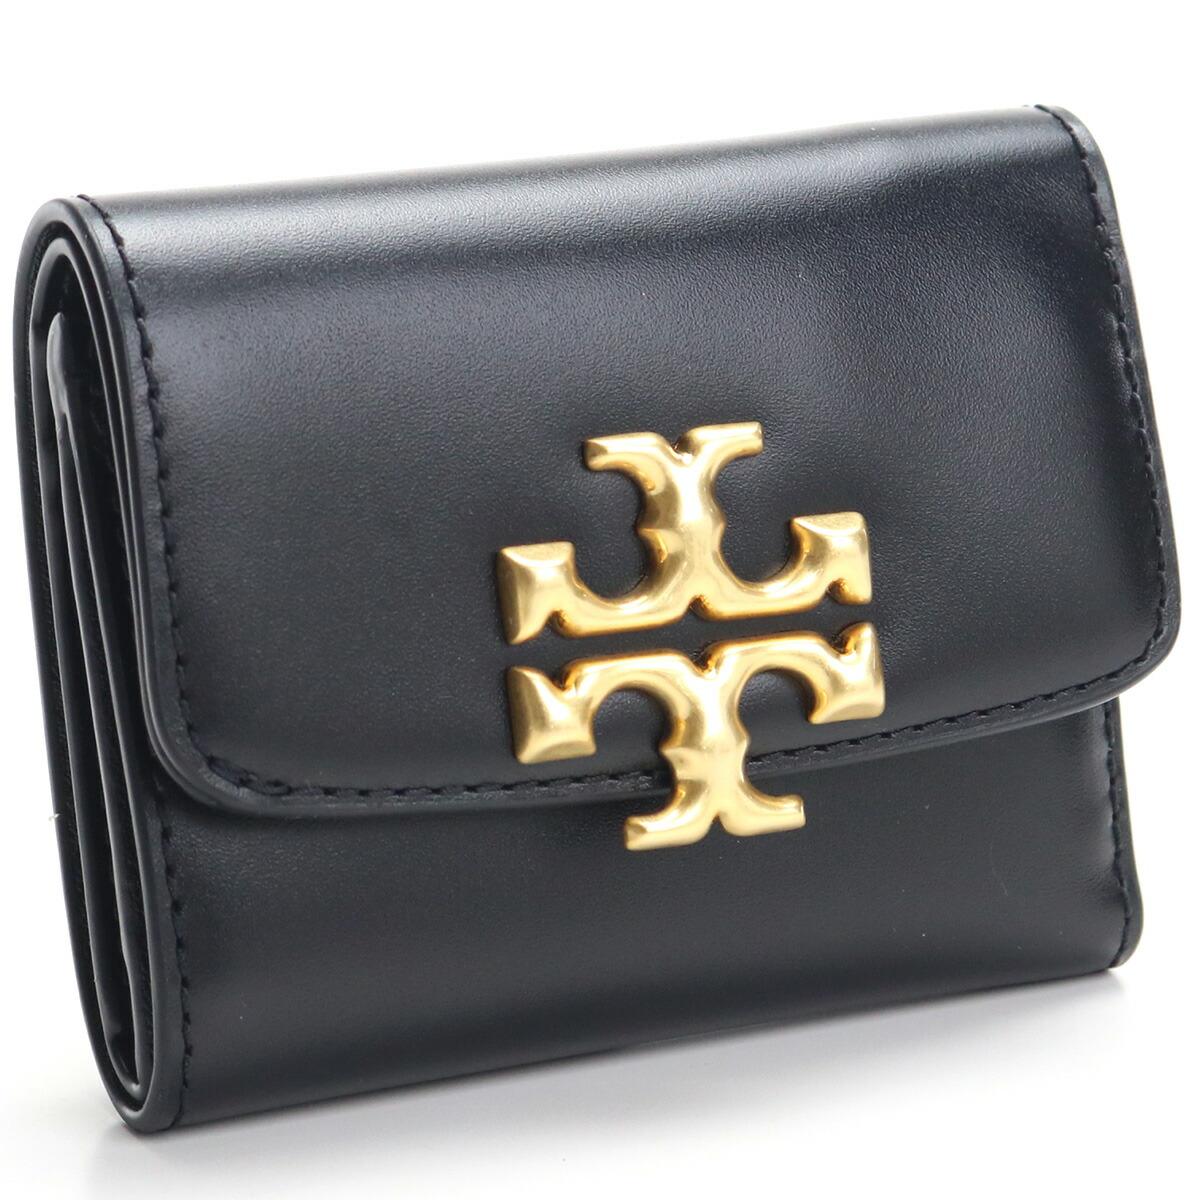 トリーバーチ TORY BURCH ELEANOR 3つ折り財布 コンパクトサイフ 73519 001 BLACK ブラック レディース